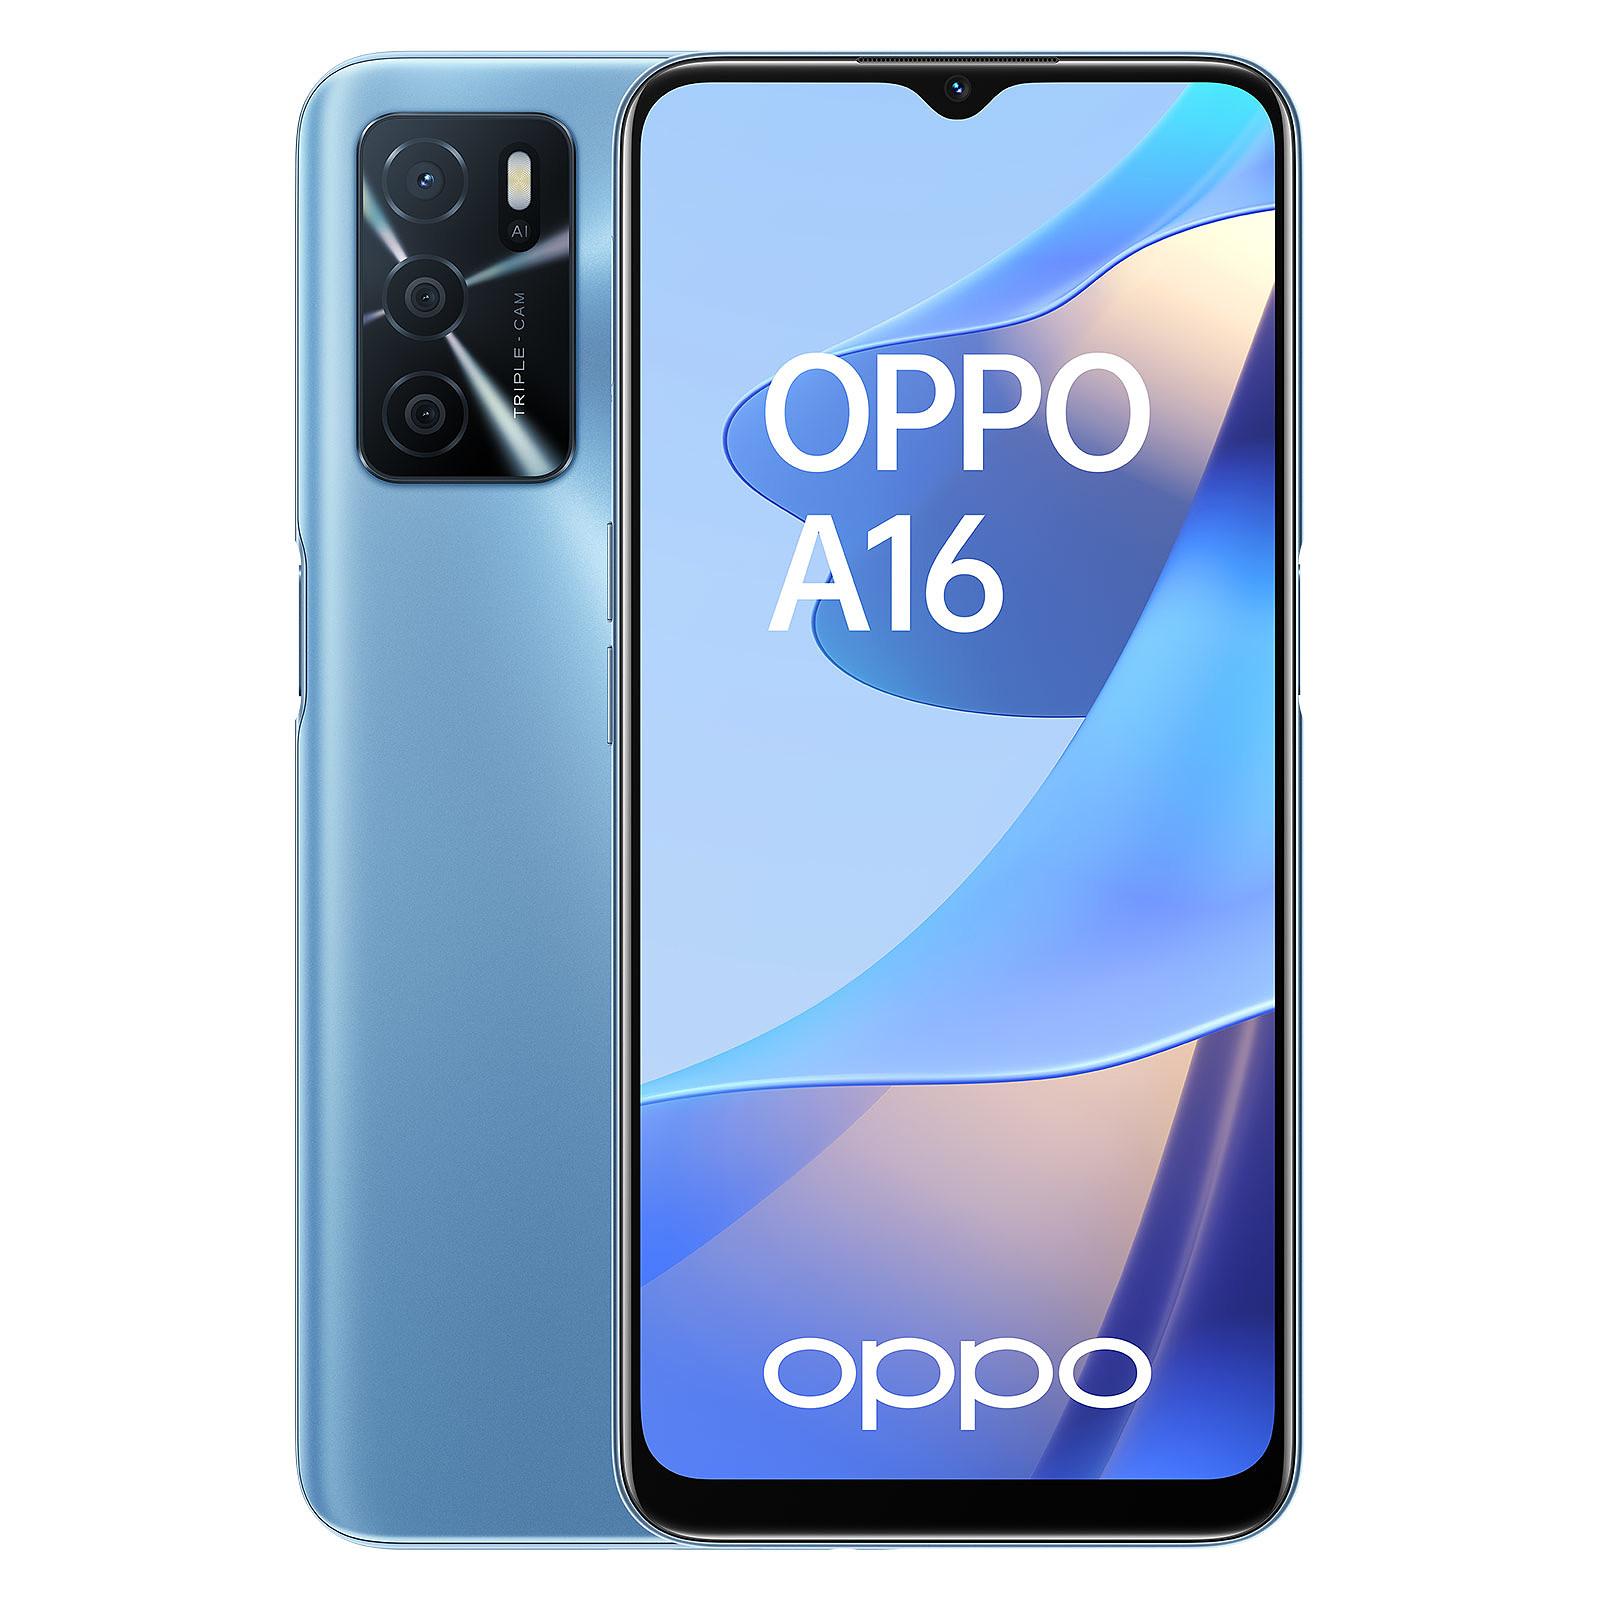 Offerta Oppo A16 su TrovaUsati.it